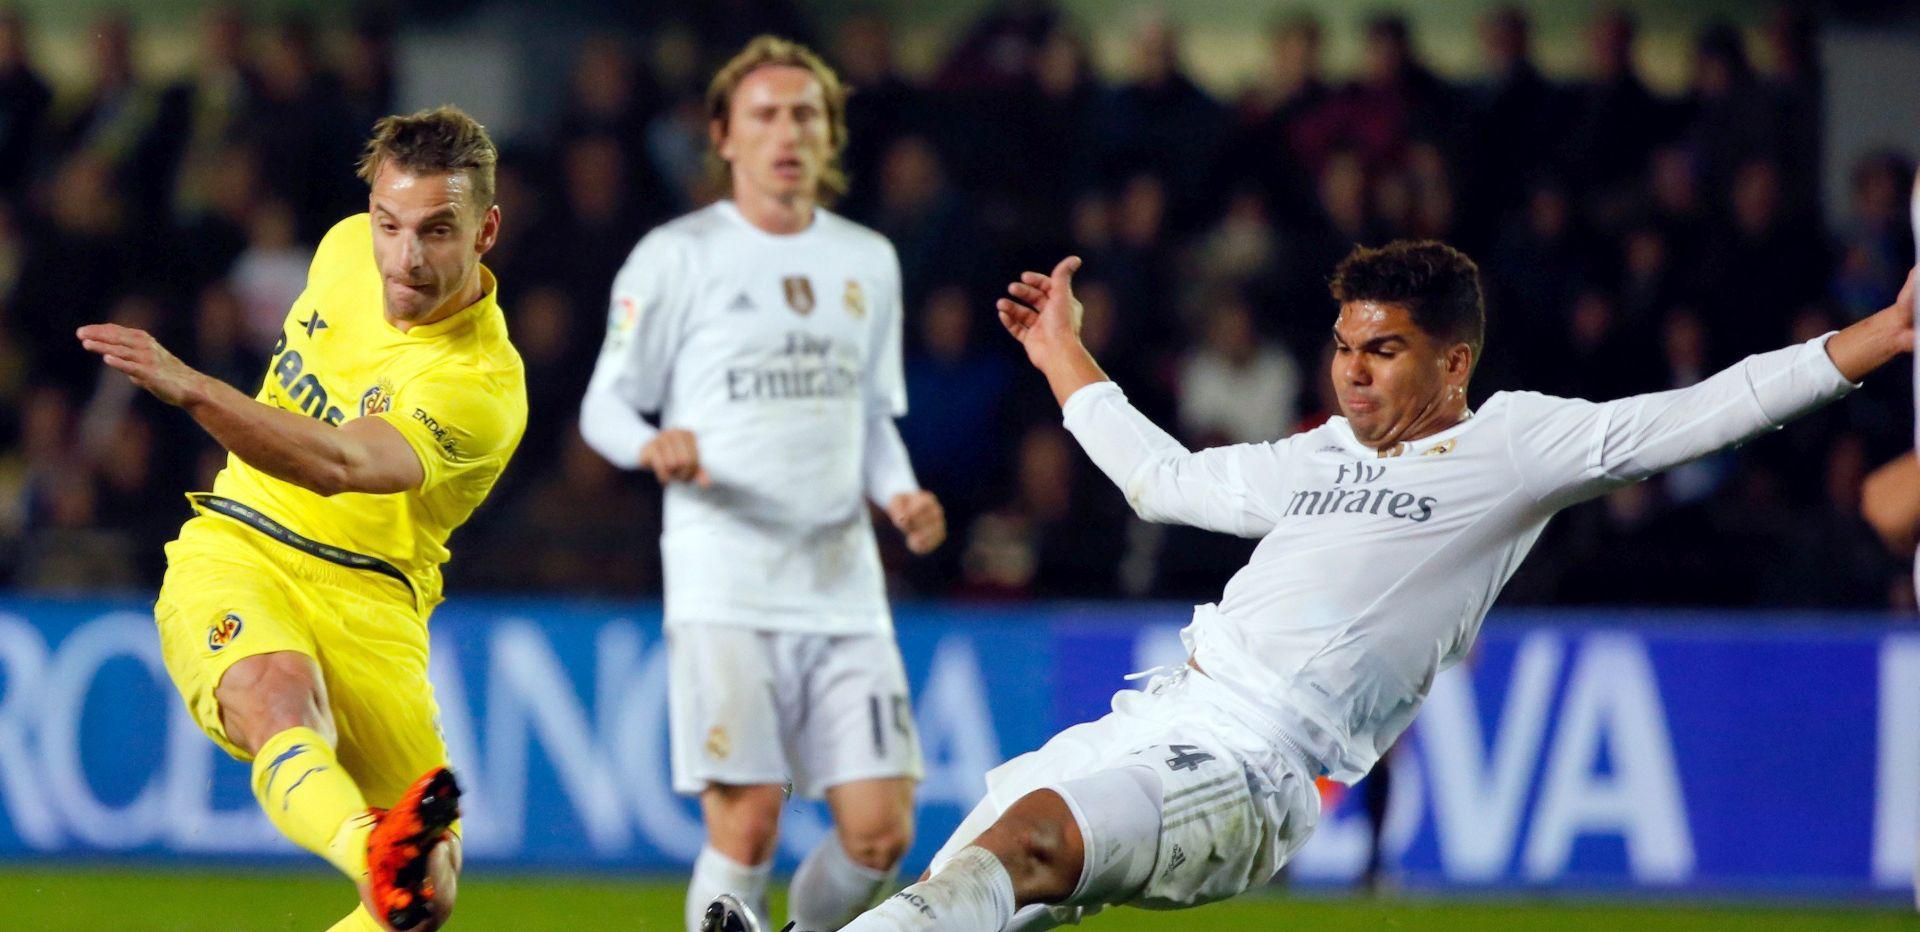 VIDEO: NOVI PORAZ 'KRALJEVA' Villareal slavio golom bivšeg Realovca, Modrićeva greška dovela do gola